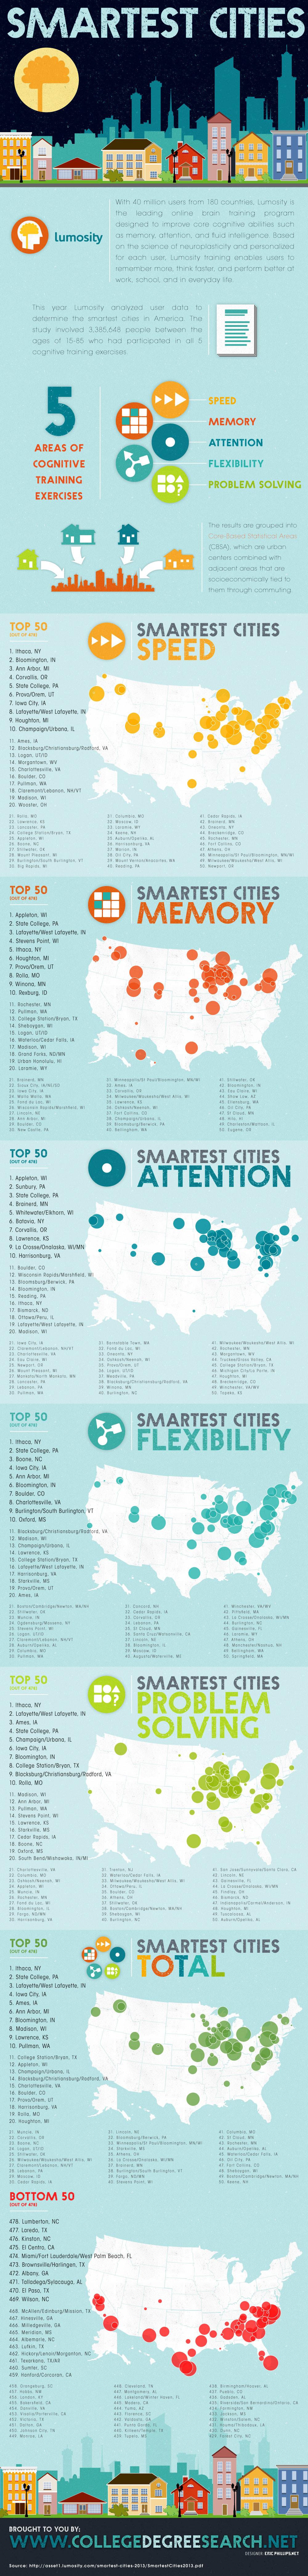 smartest-cities